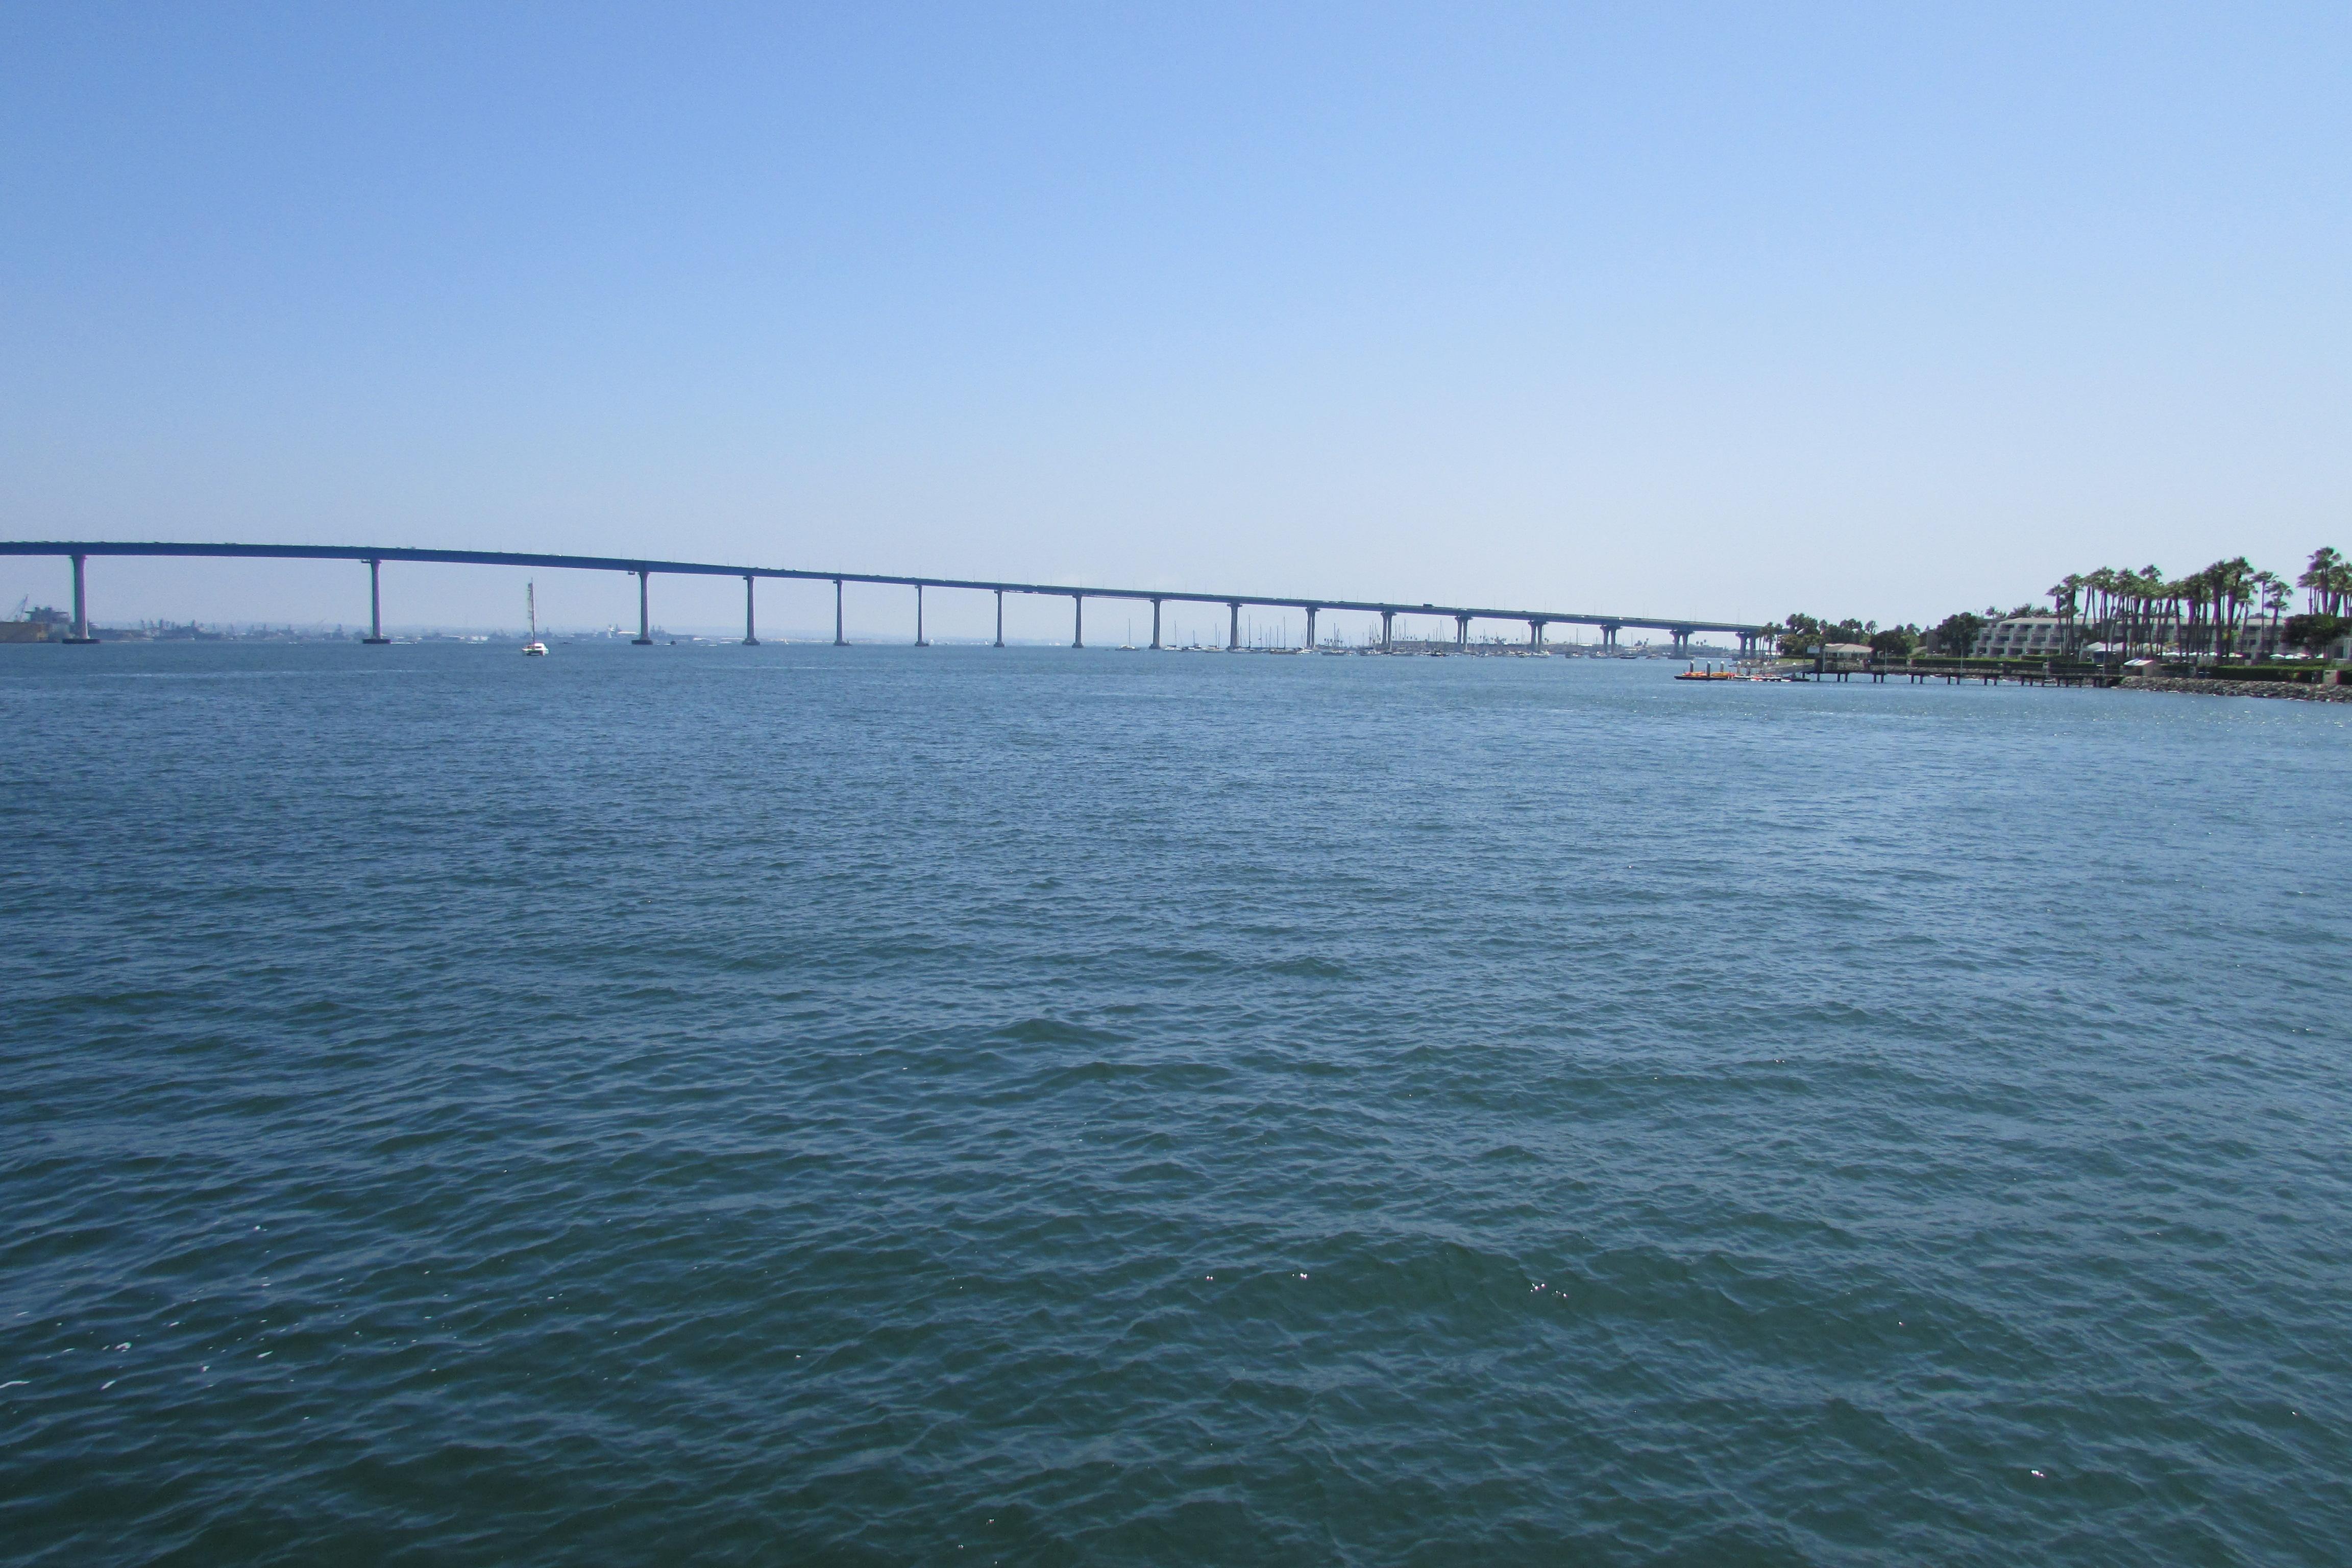 サンディエゴでハーバークルーズ│サンディエゴ湾 ランチクルーズ体験記